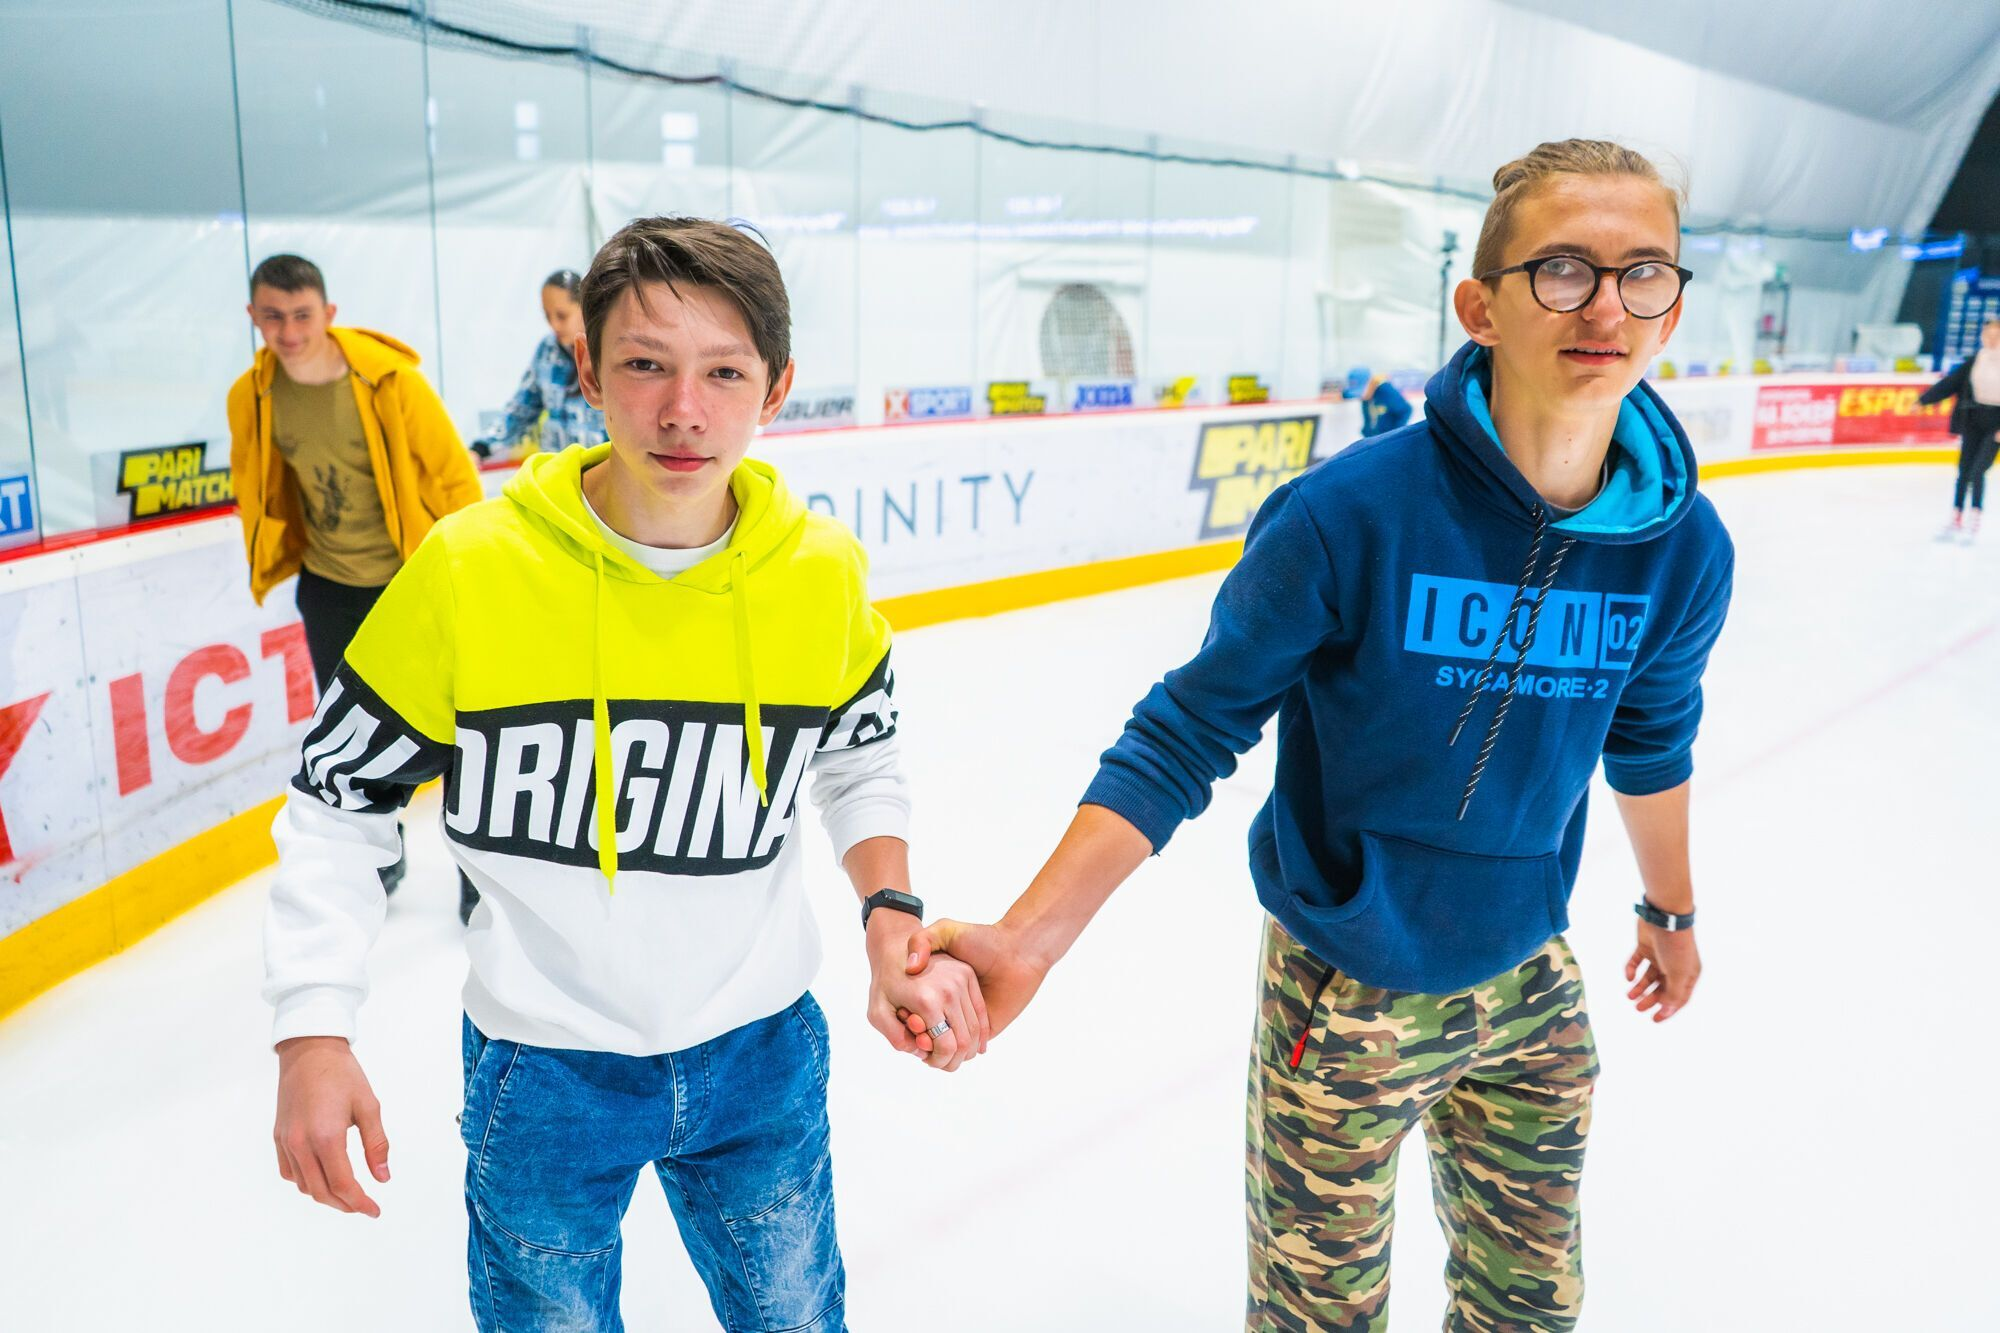 Фонд Бориса Колеснікова реалізує програму соціального катання для школярів із моменту відкриття Mariupol Ice Center